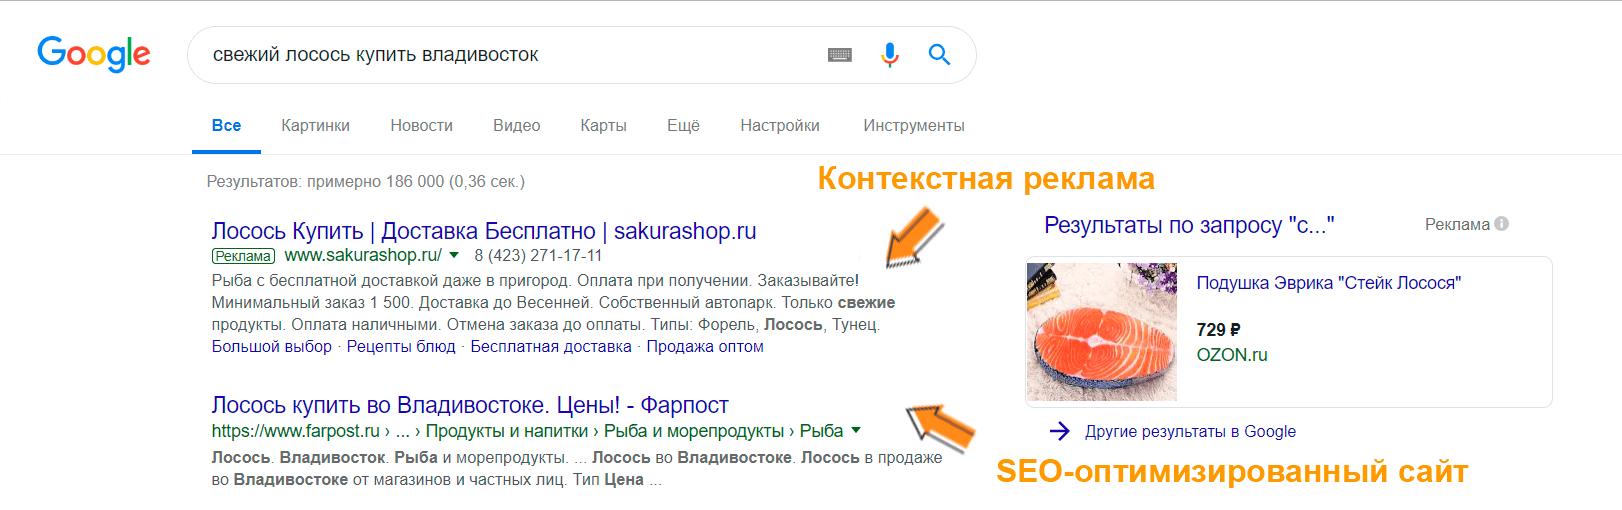 лидогенерация контекстная реклама seo-оптимизация